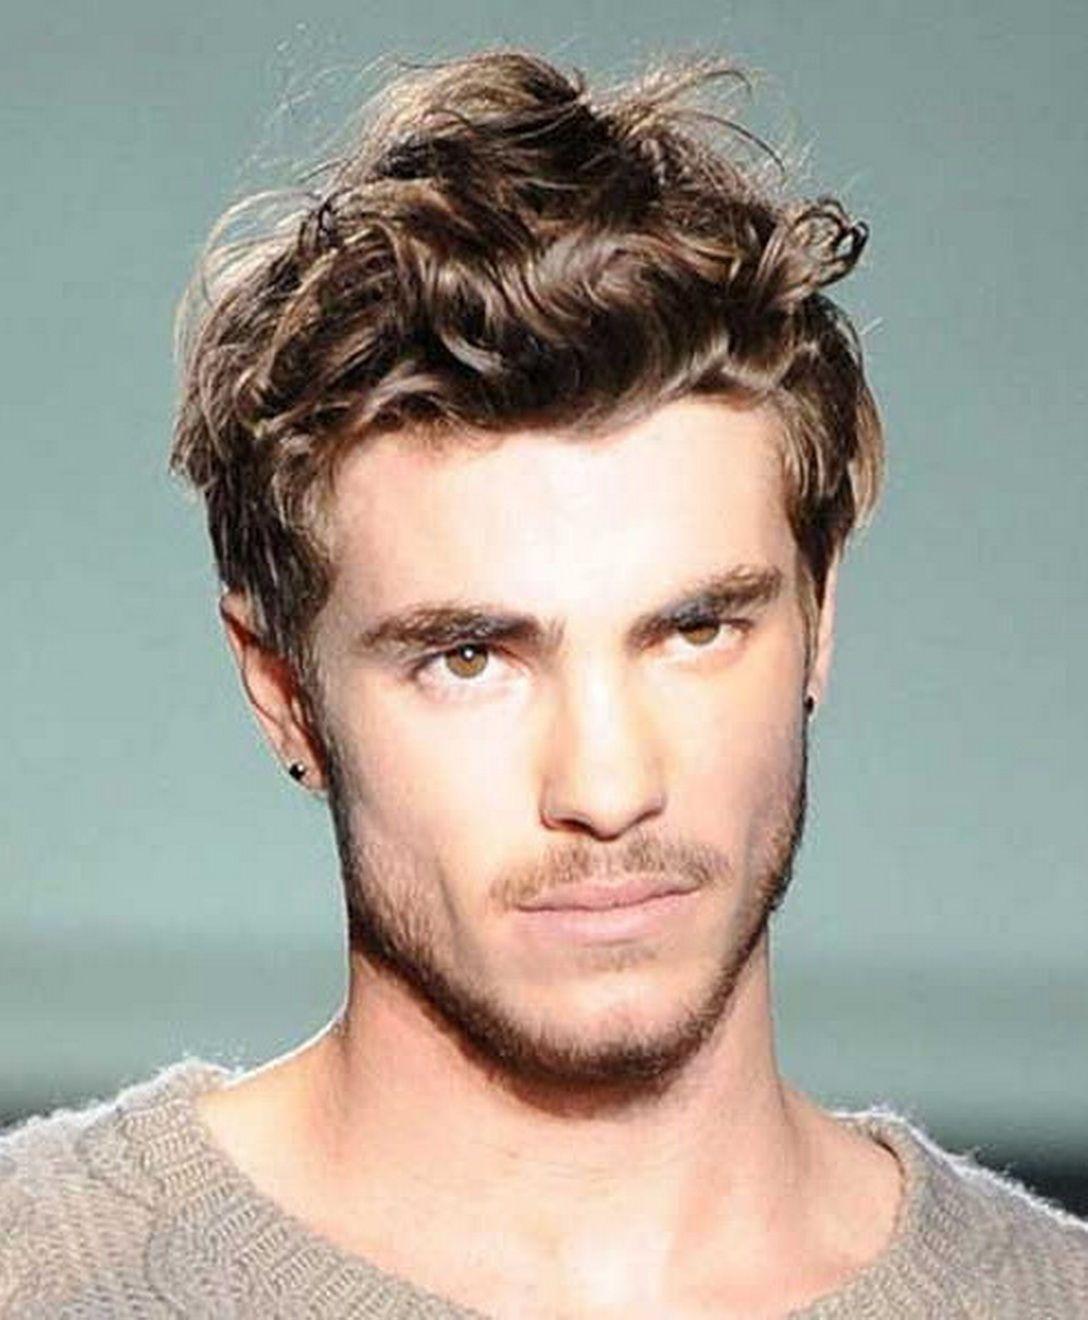 Short Curly Hairstyles For Men Fascinating Mais De 20 Cortes Para Cabelos Ondulados E Cacheados Para Querer